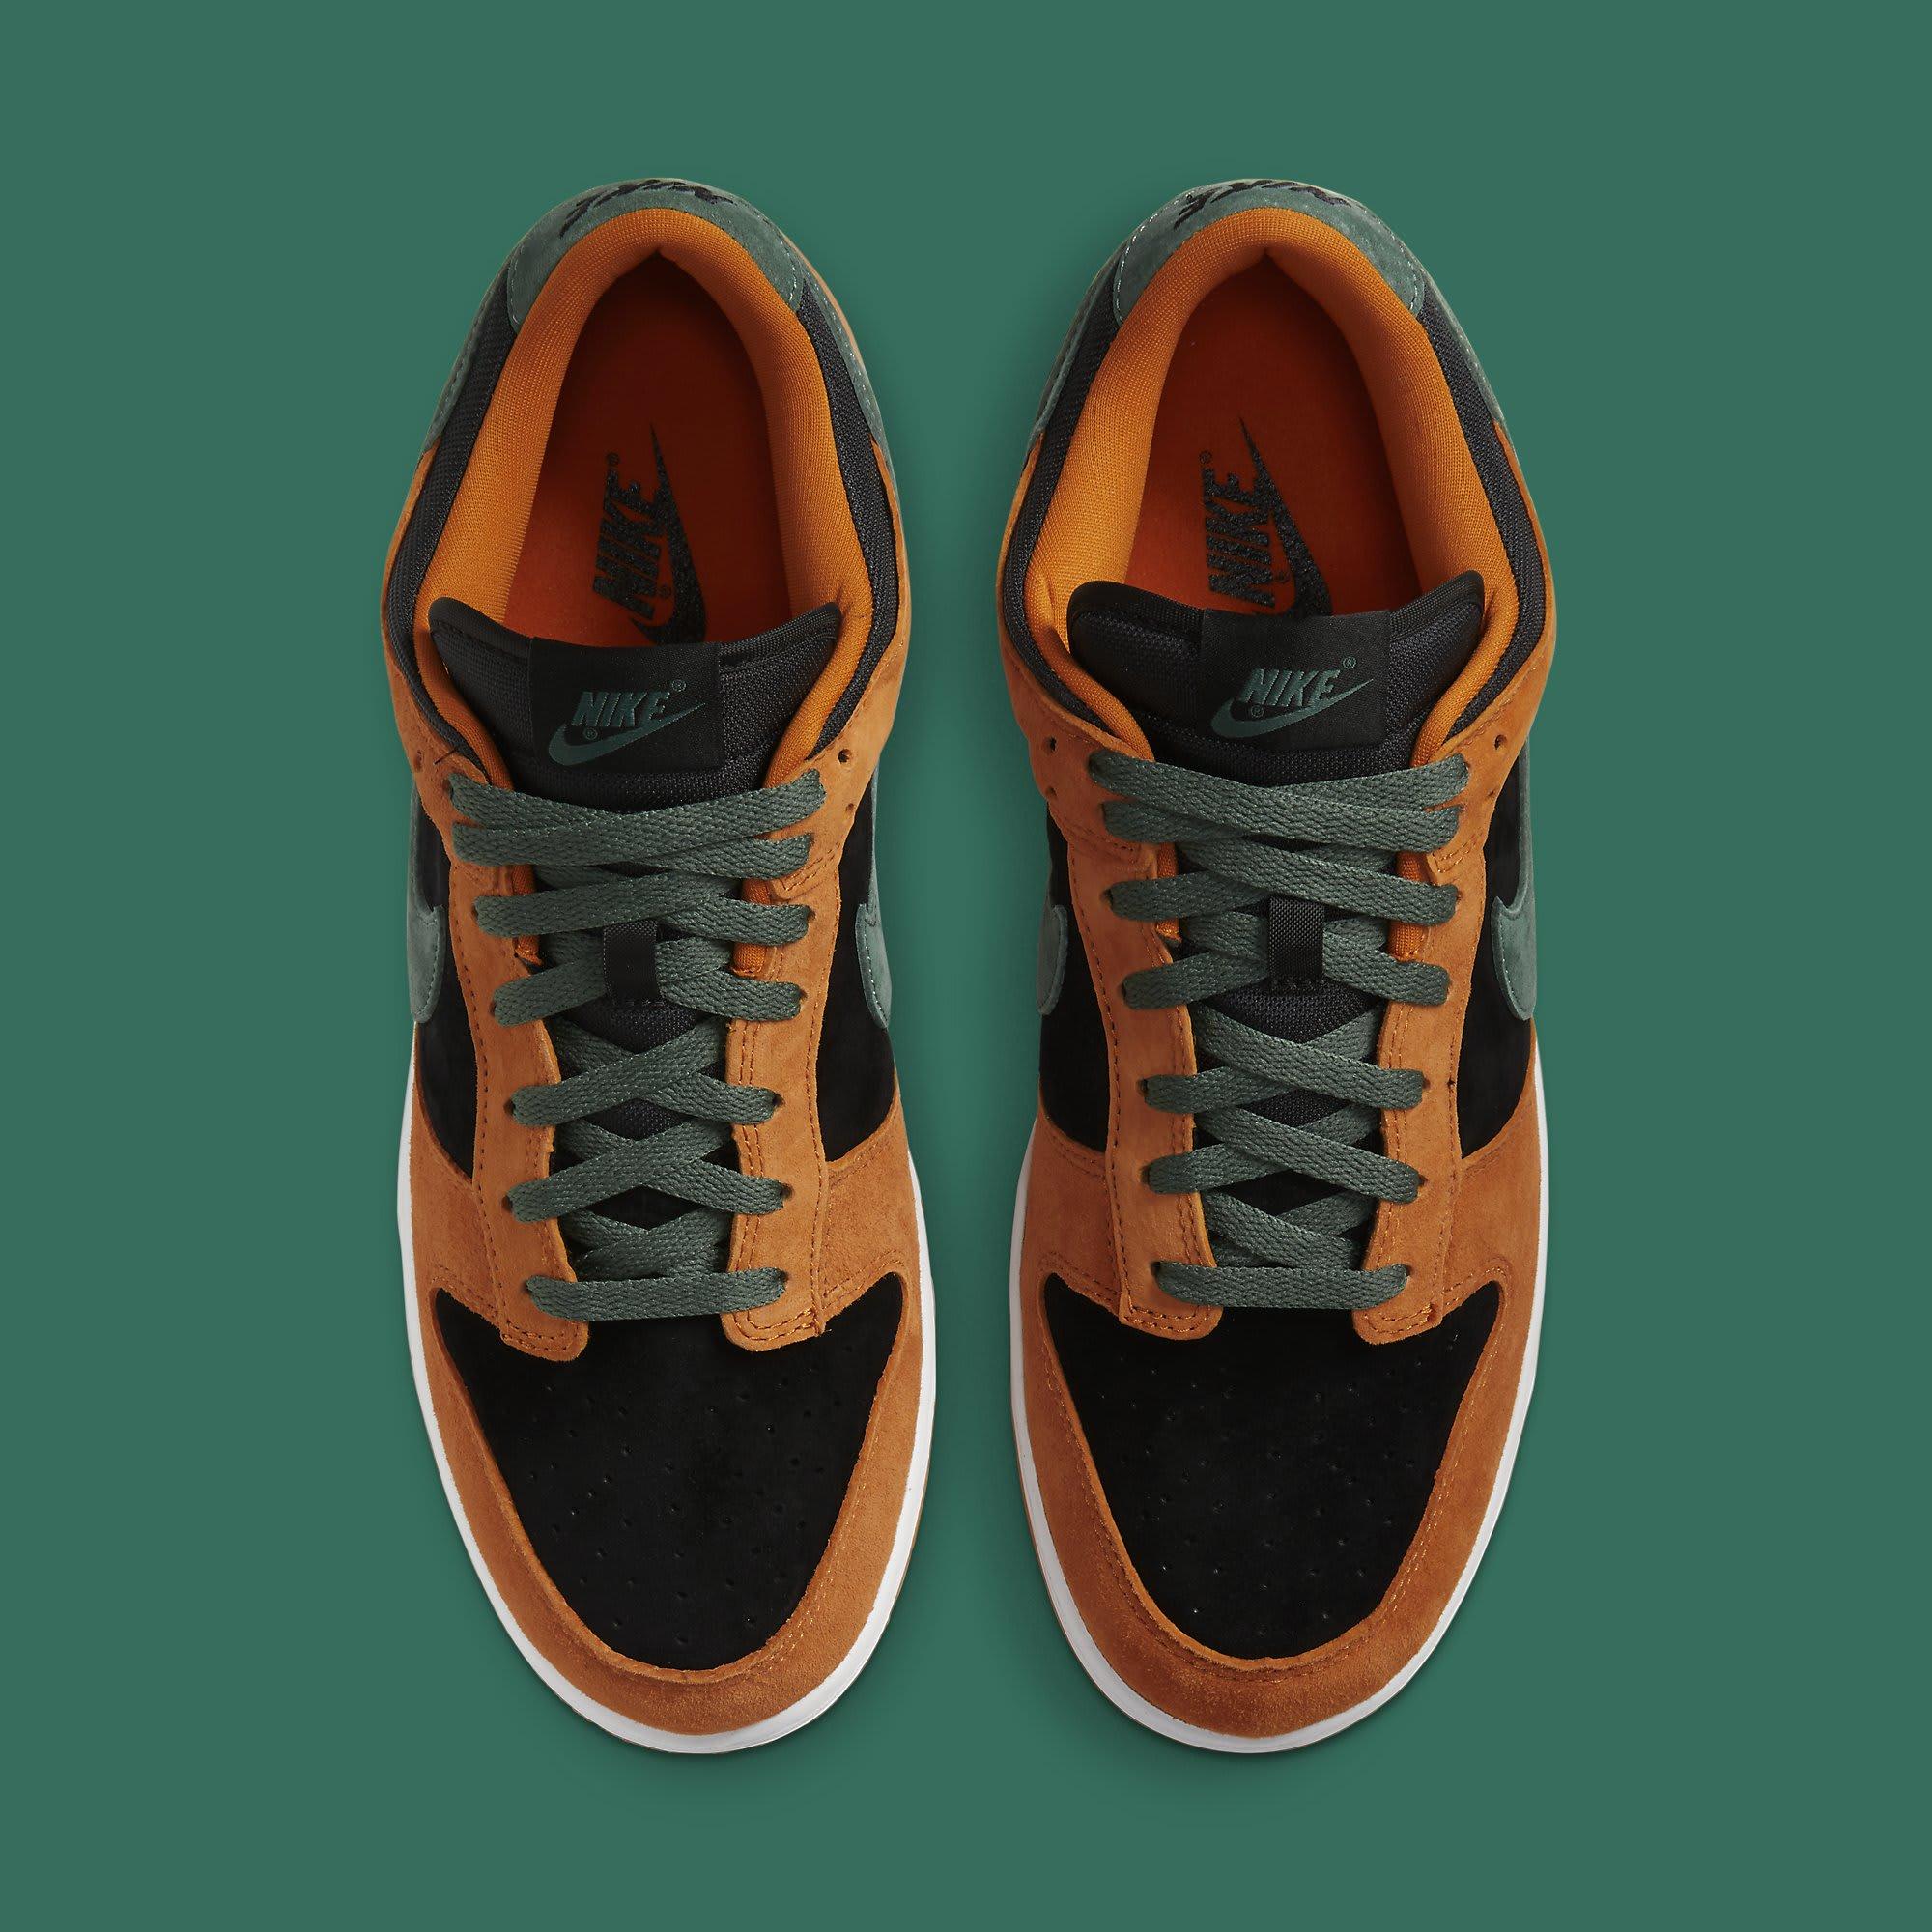 Nike Dunk Low Ceramic Release Date DA1469-001 Top